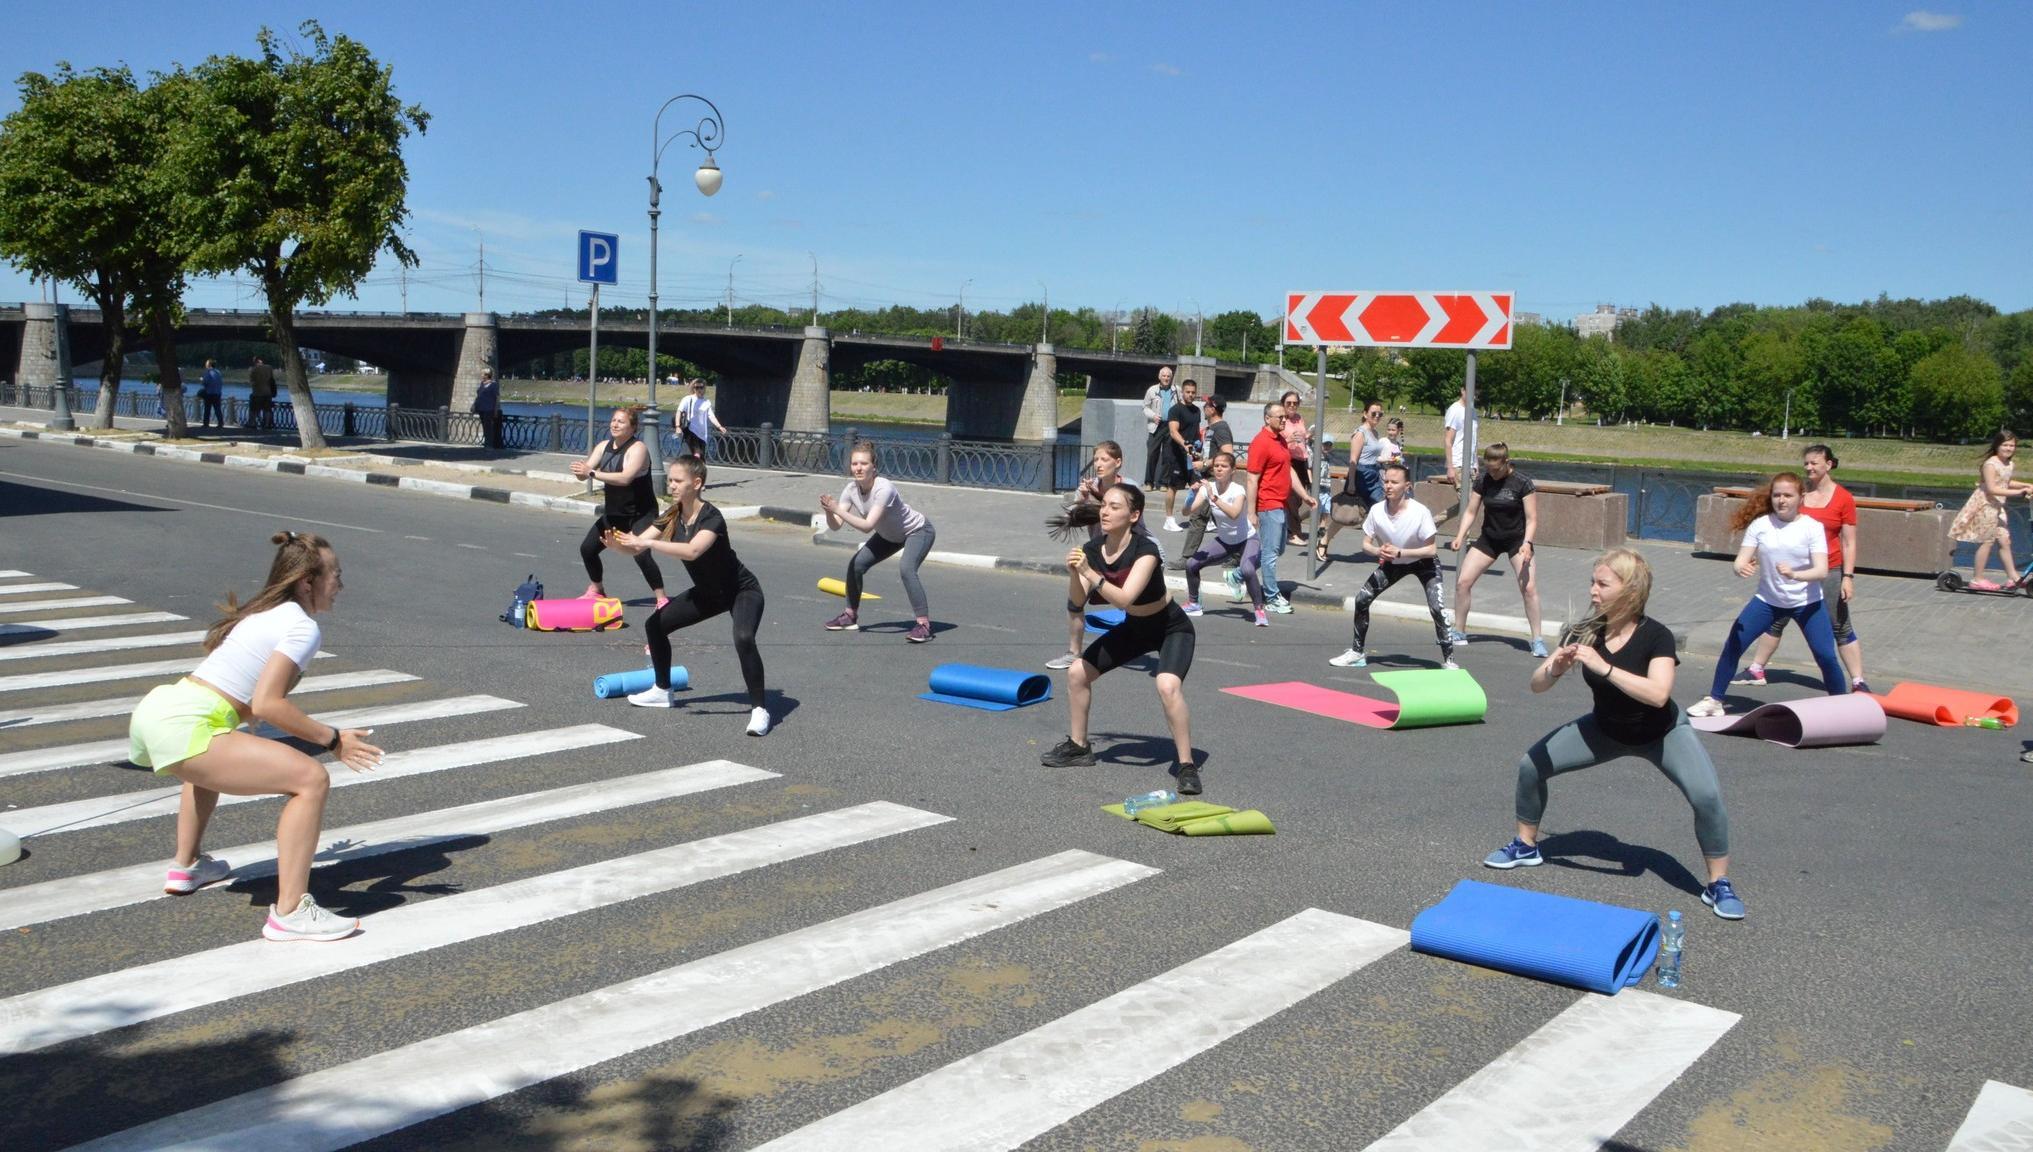 Набережная в Твери в выходные снова станет пешеходной зоной спортивного праздника